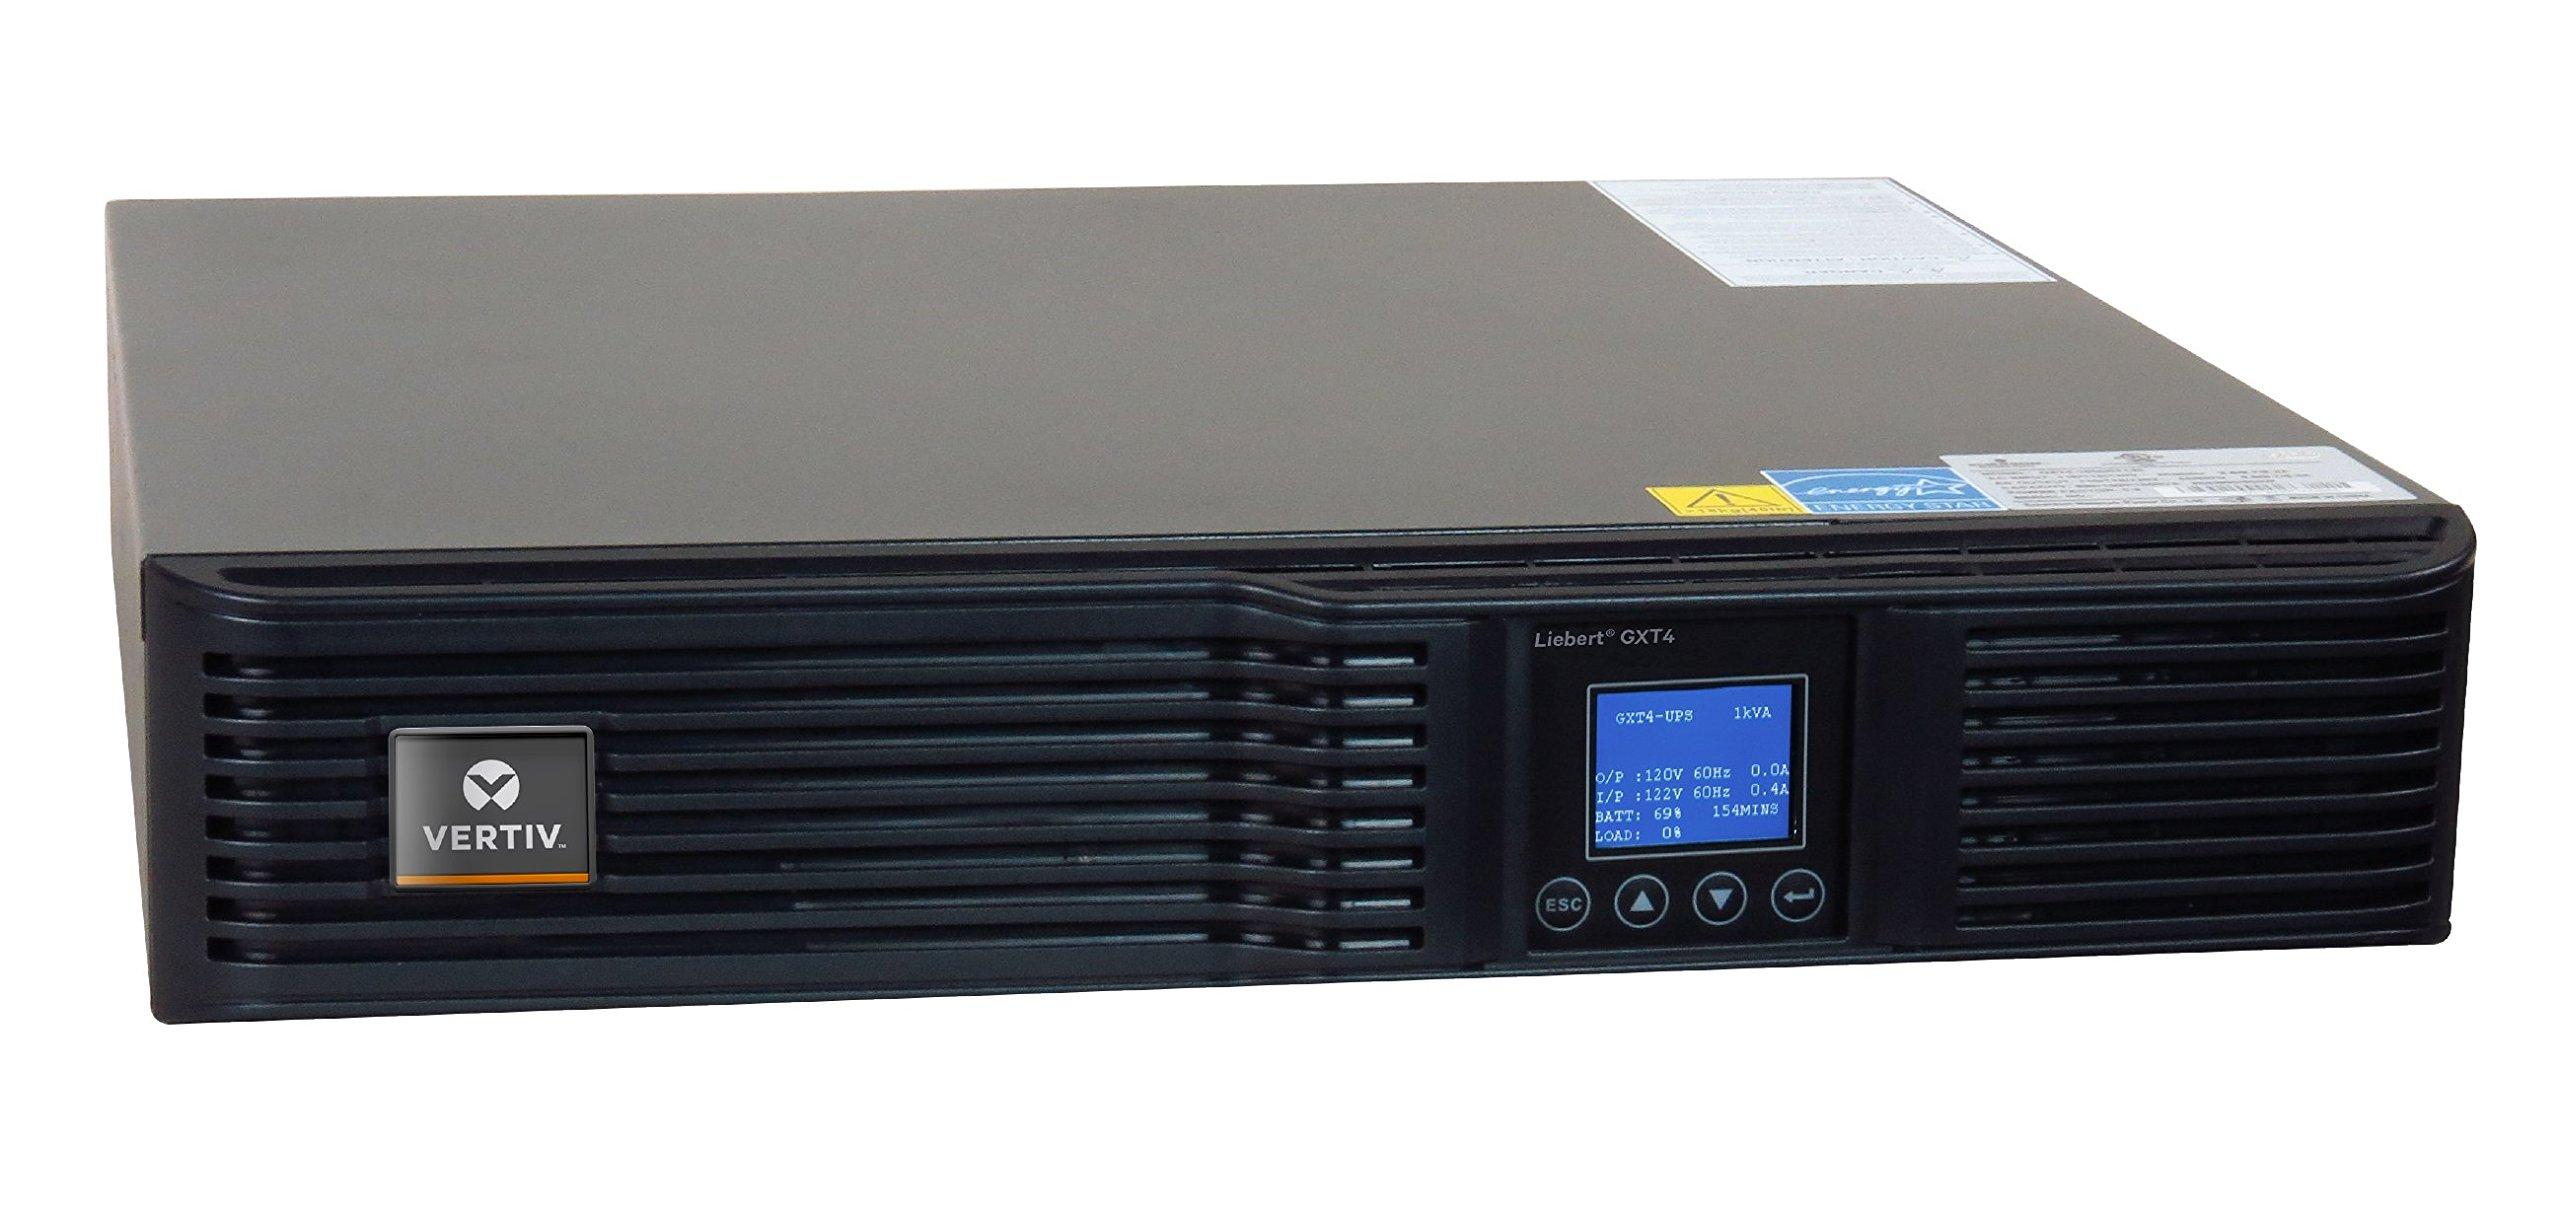 Vertiv Liebert GXT4, 700VA/630W, 120V On-line, Double-Conversion Rack/Tower Smart UPS (GXT4-700RT120)